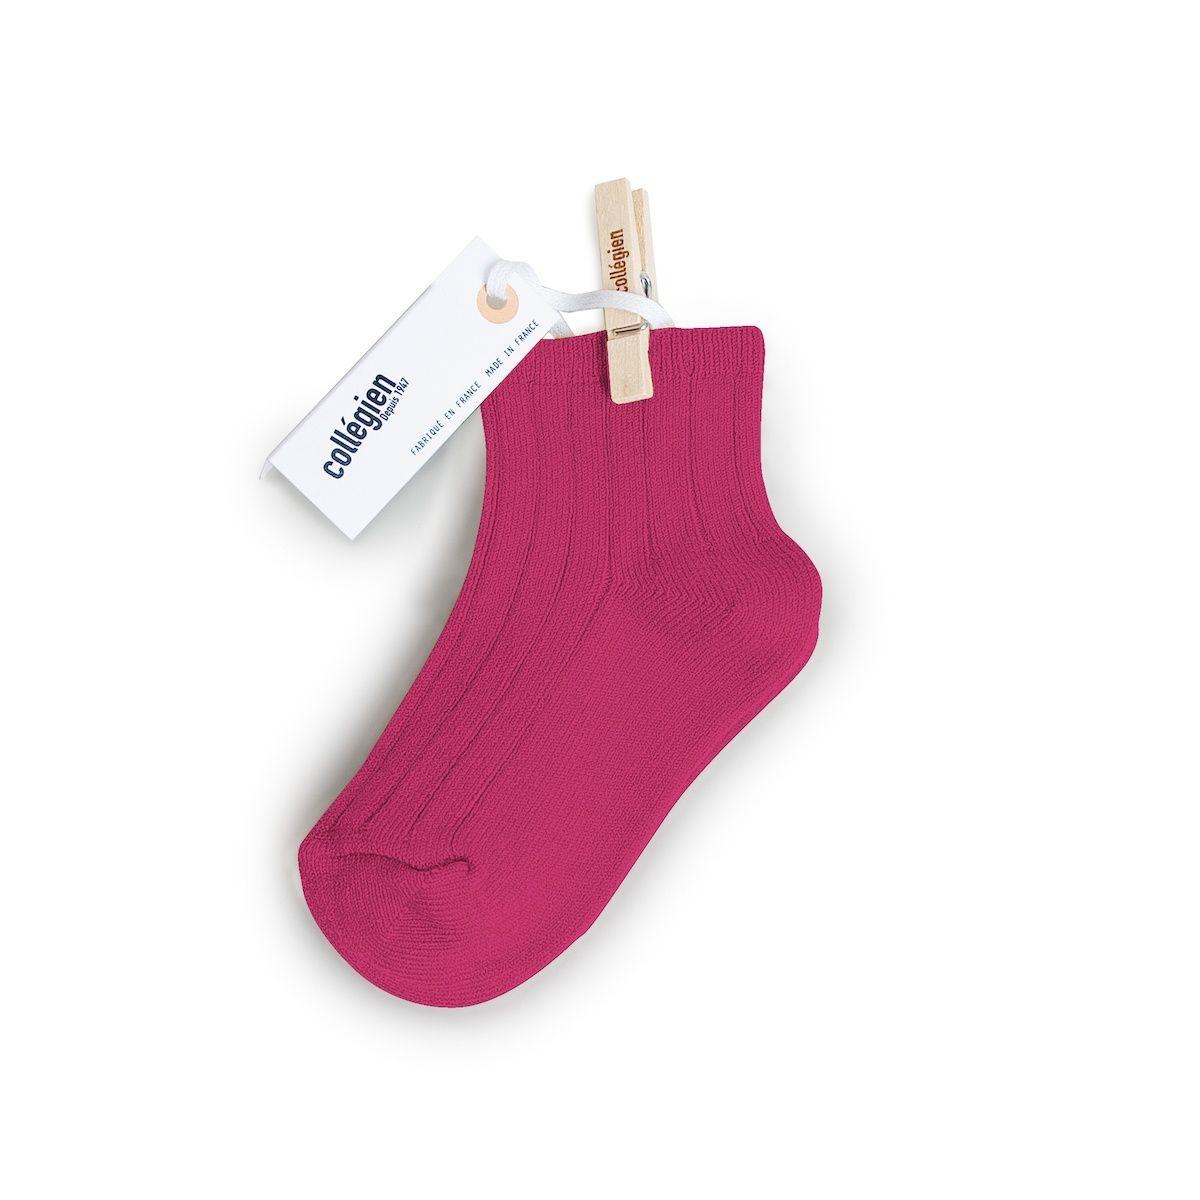 Skarpetki Lady Pink różowe - Collégien